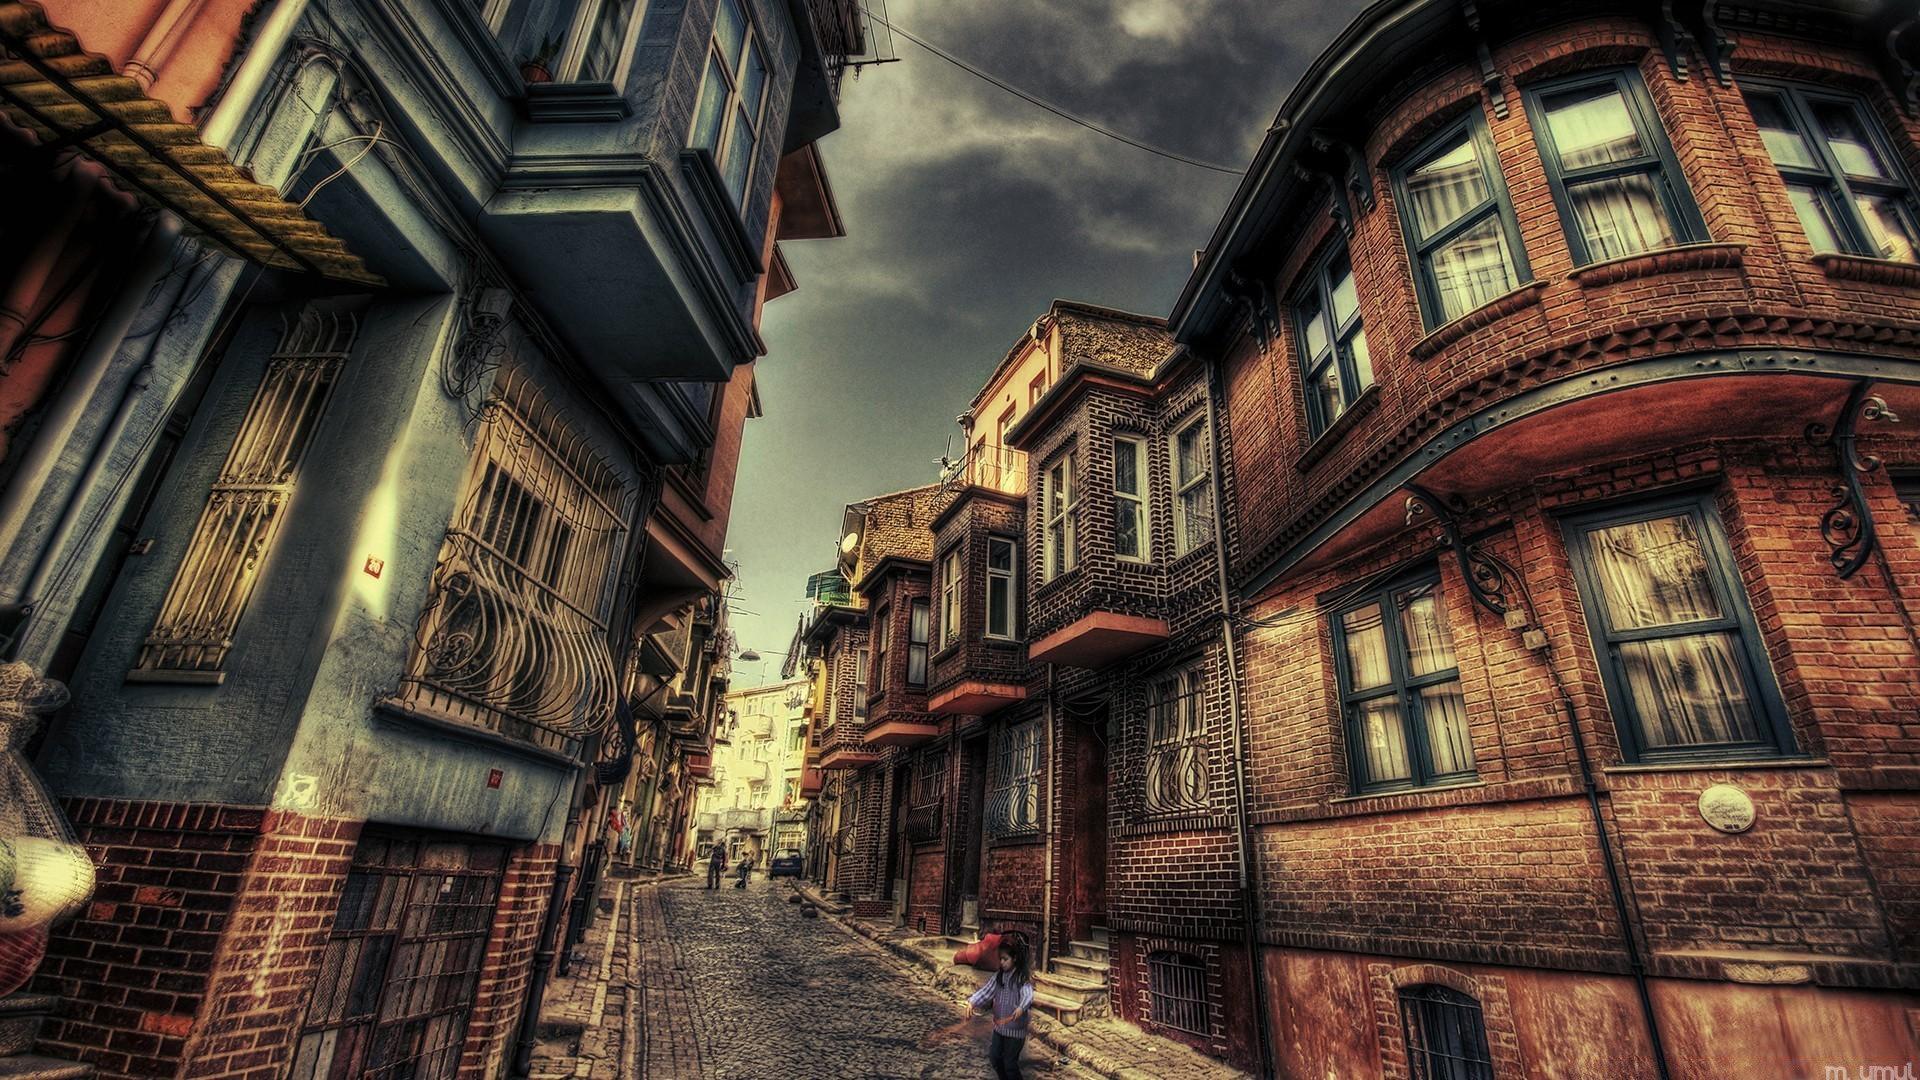 картинка старинного города в коричневых тонах на обои можно